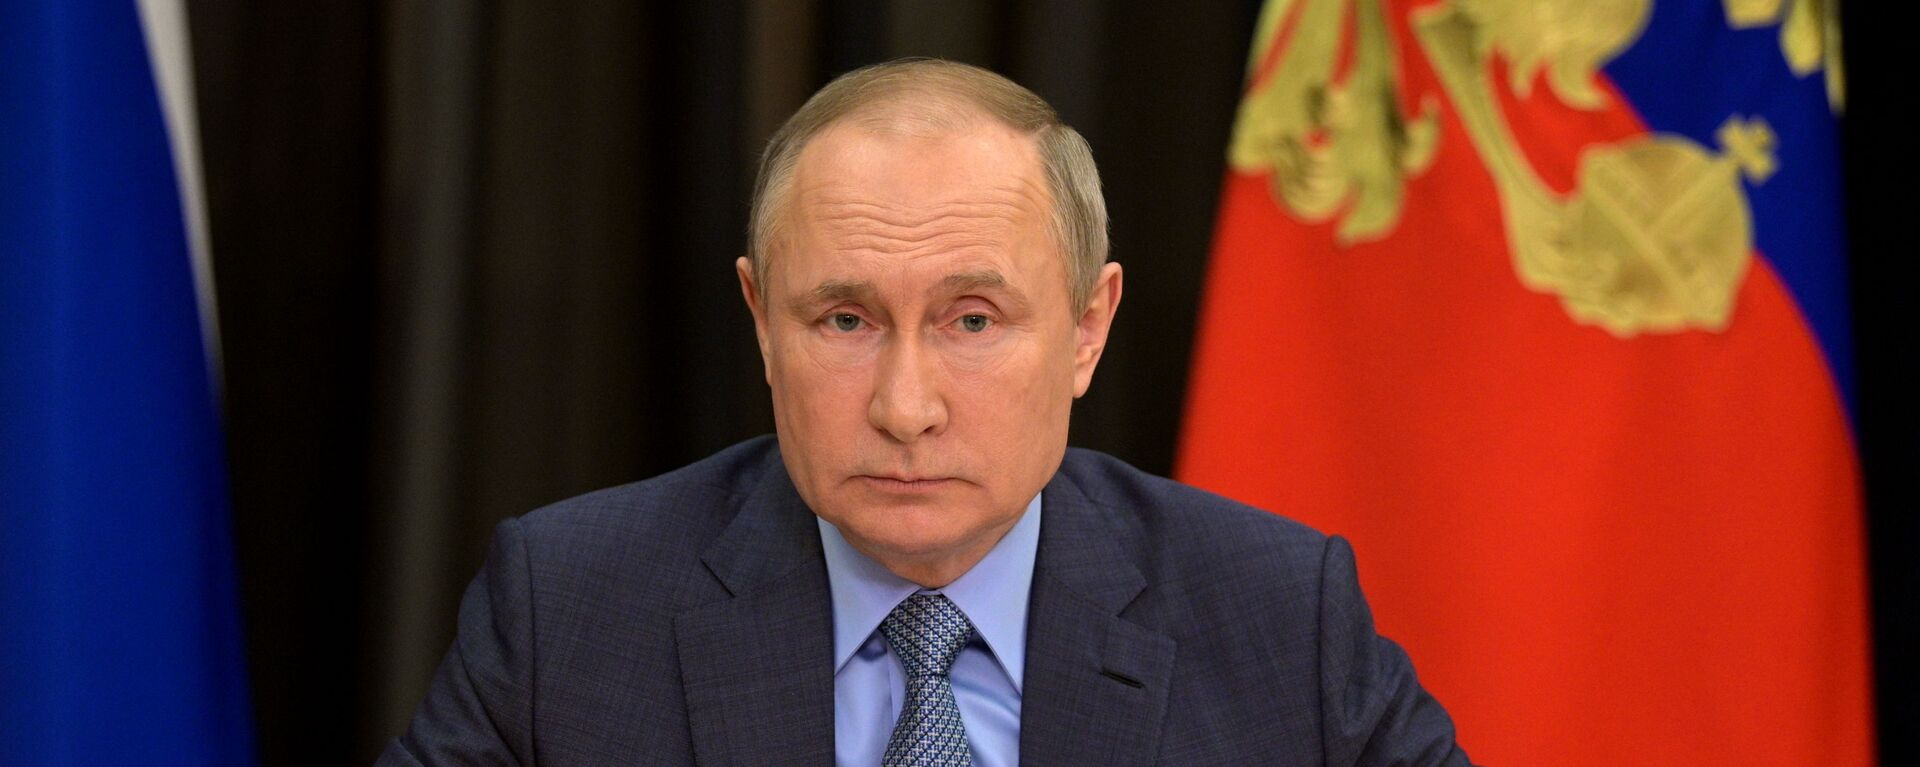 Президент РФ Владимир Путин - Sputnik Latvija, 1920, 26.05.2021